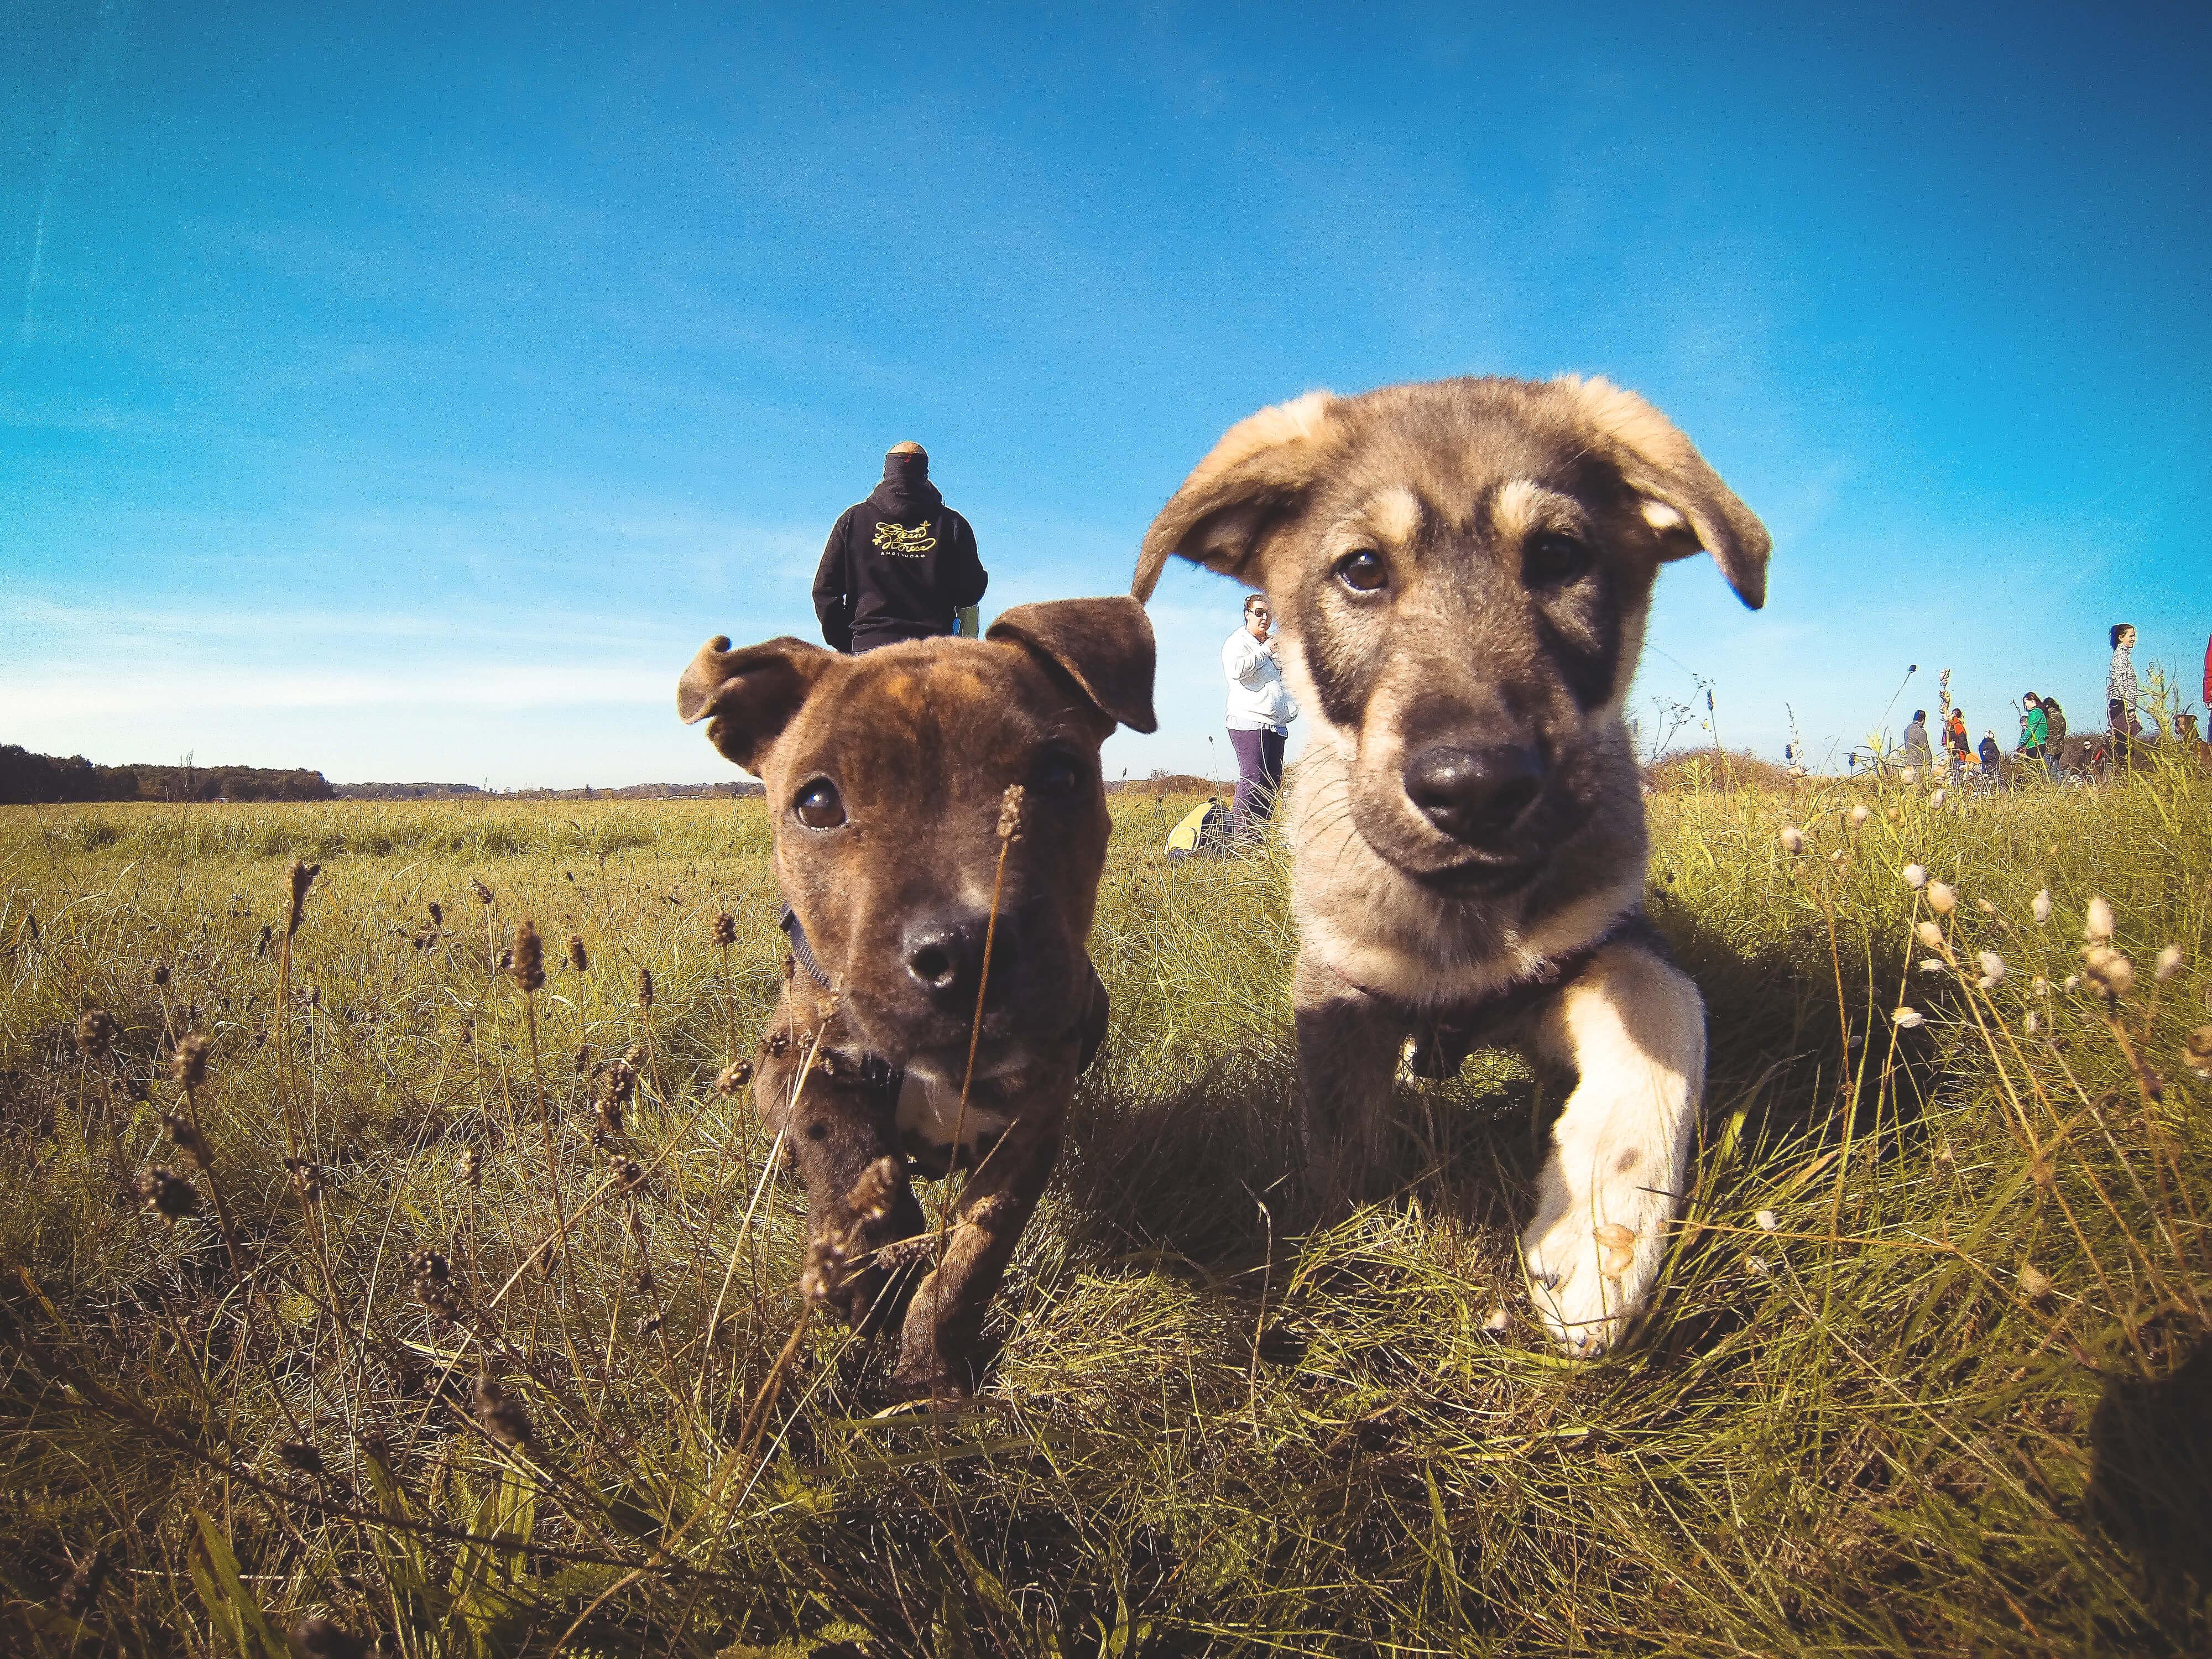 cute puppy pic